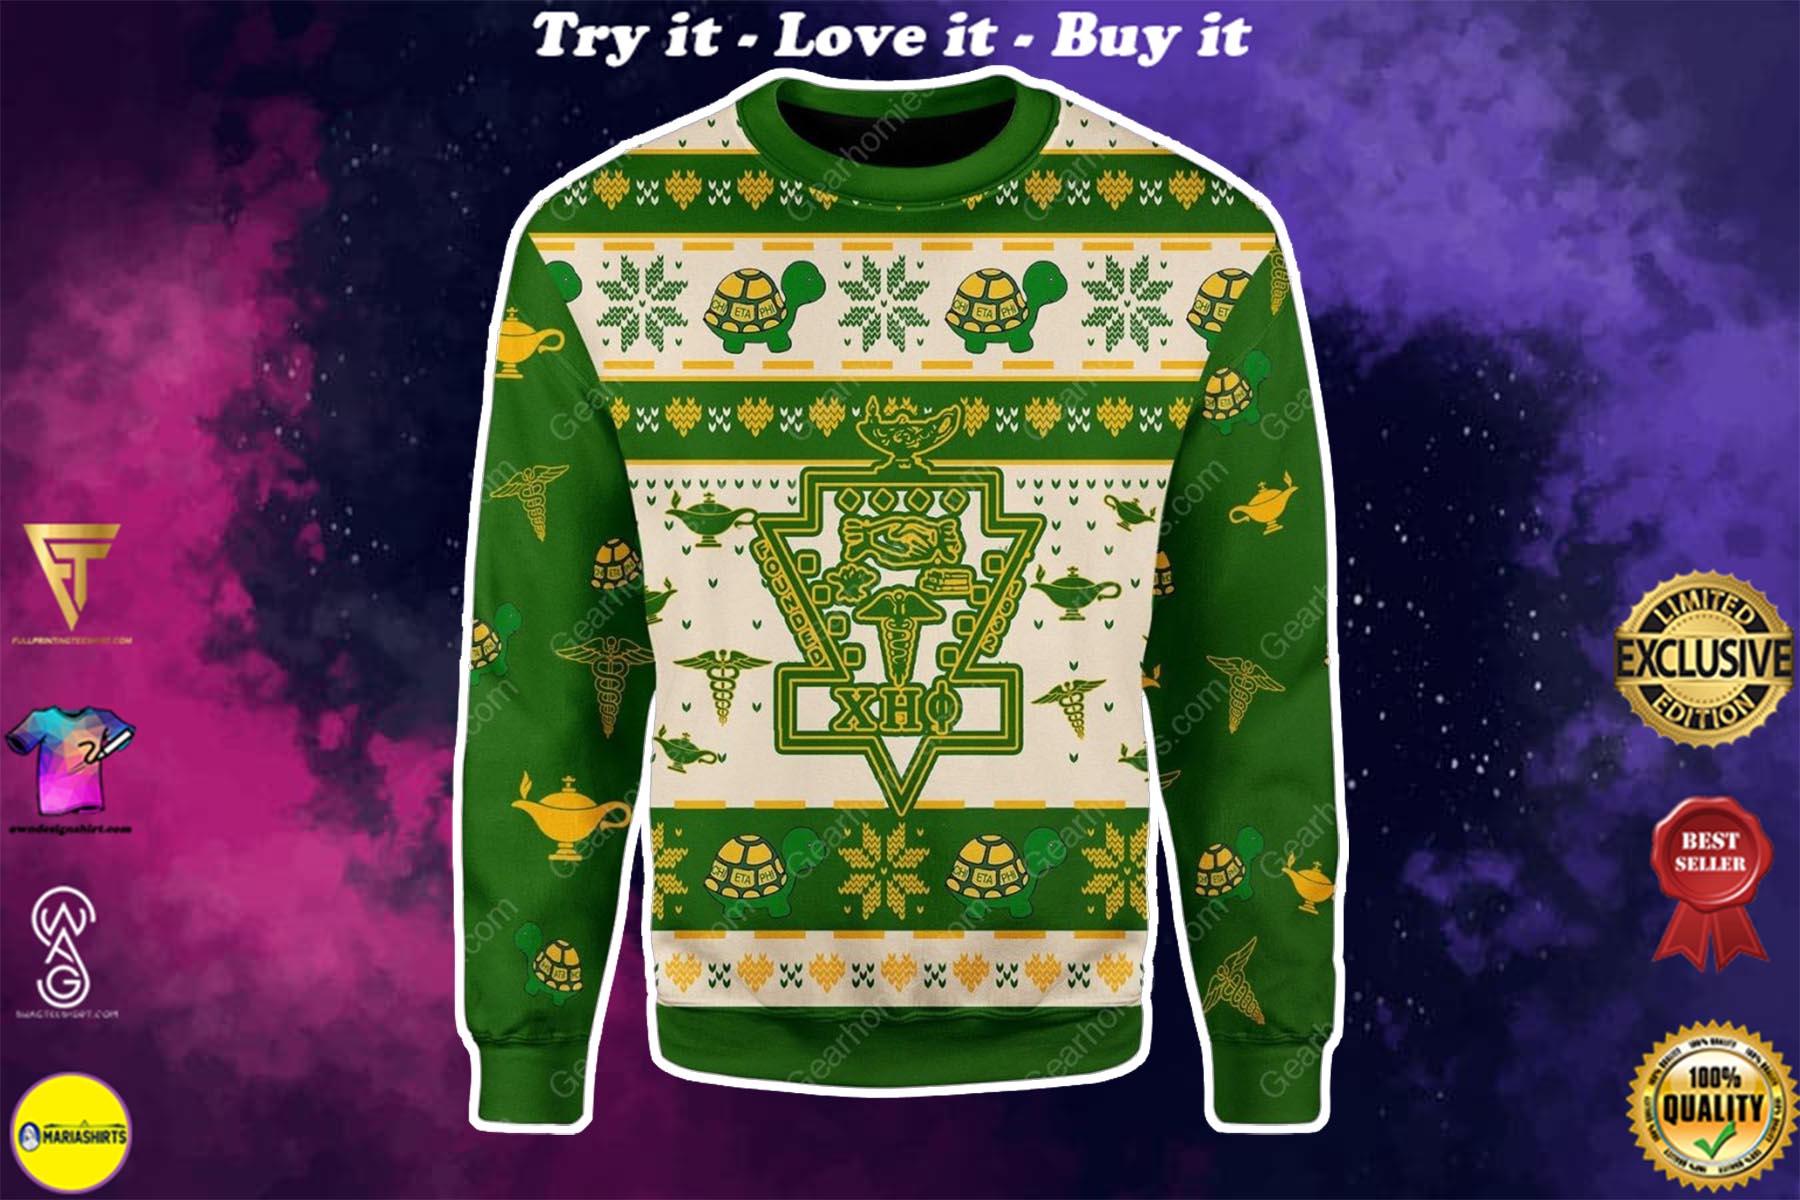 christmas time chi eta phi all over printed ugly christmas sweater